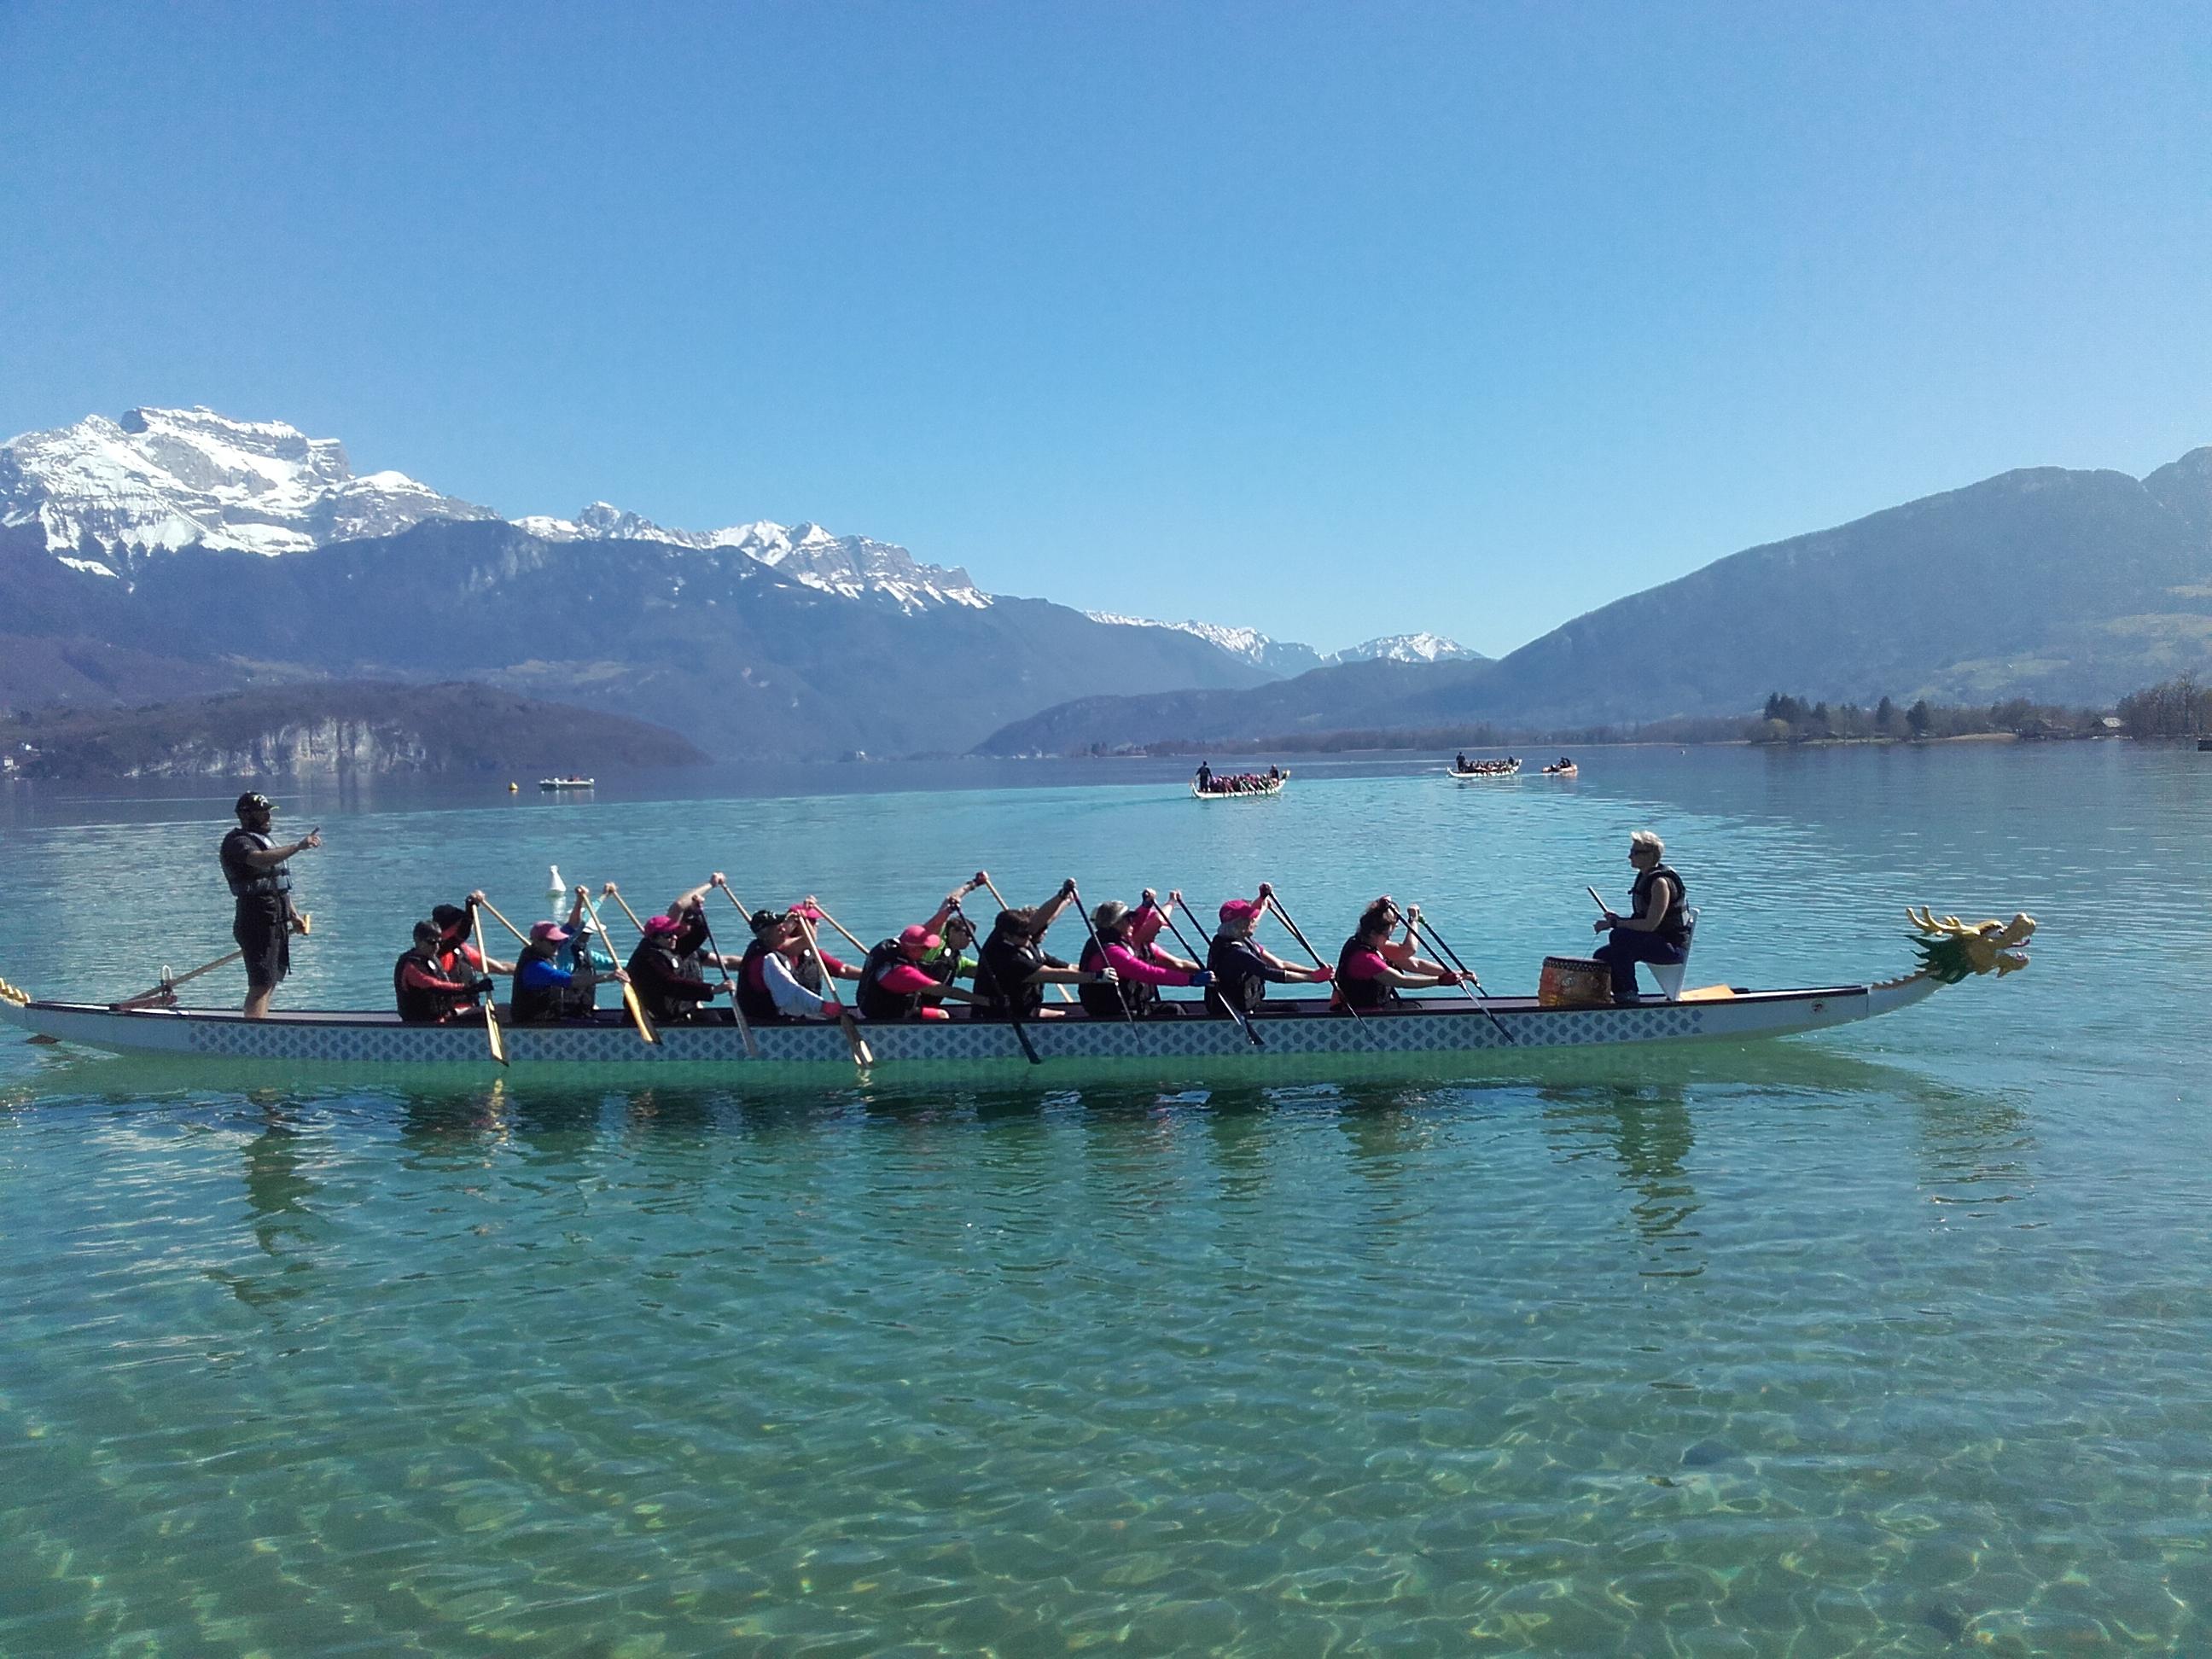 L'association Drôles de Rames s'entraînant sur le lac d'Annecy